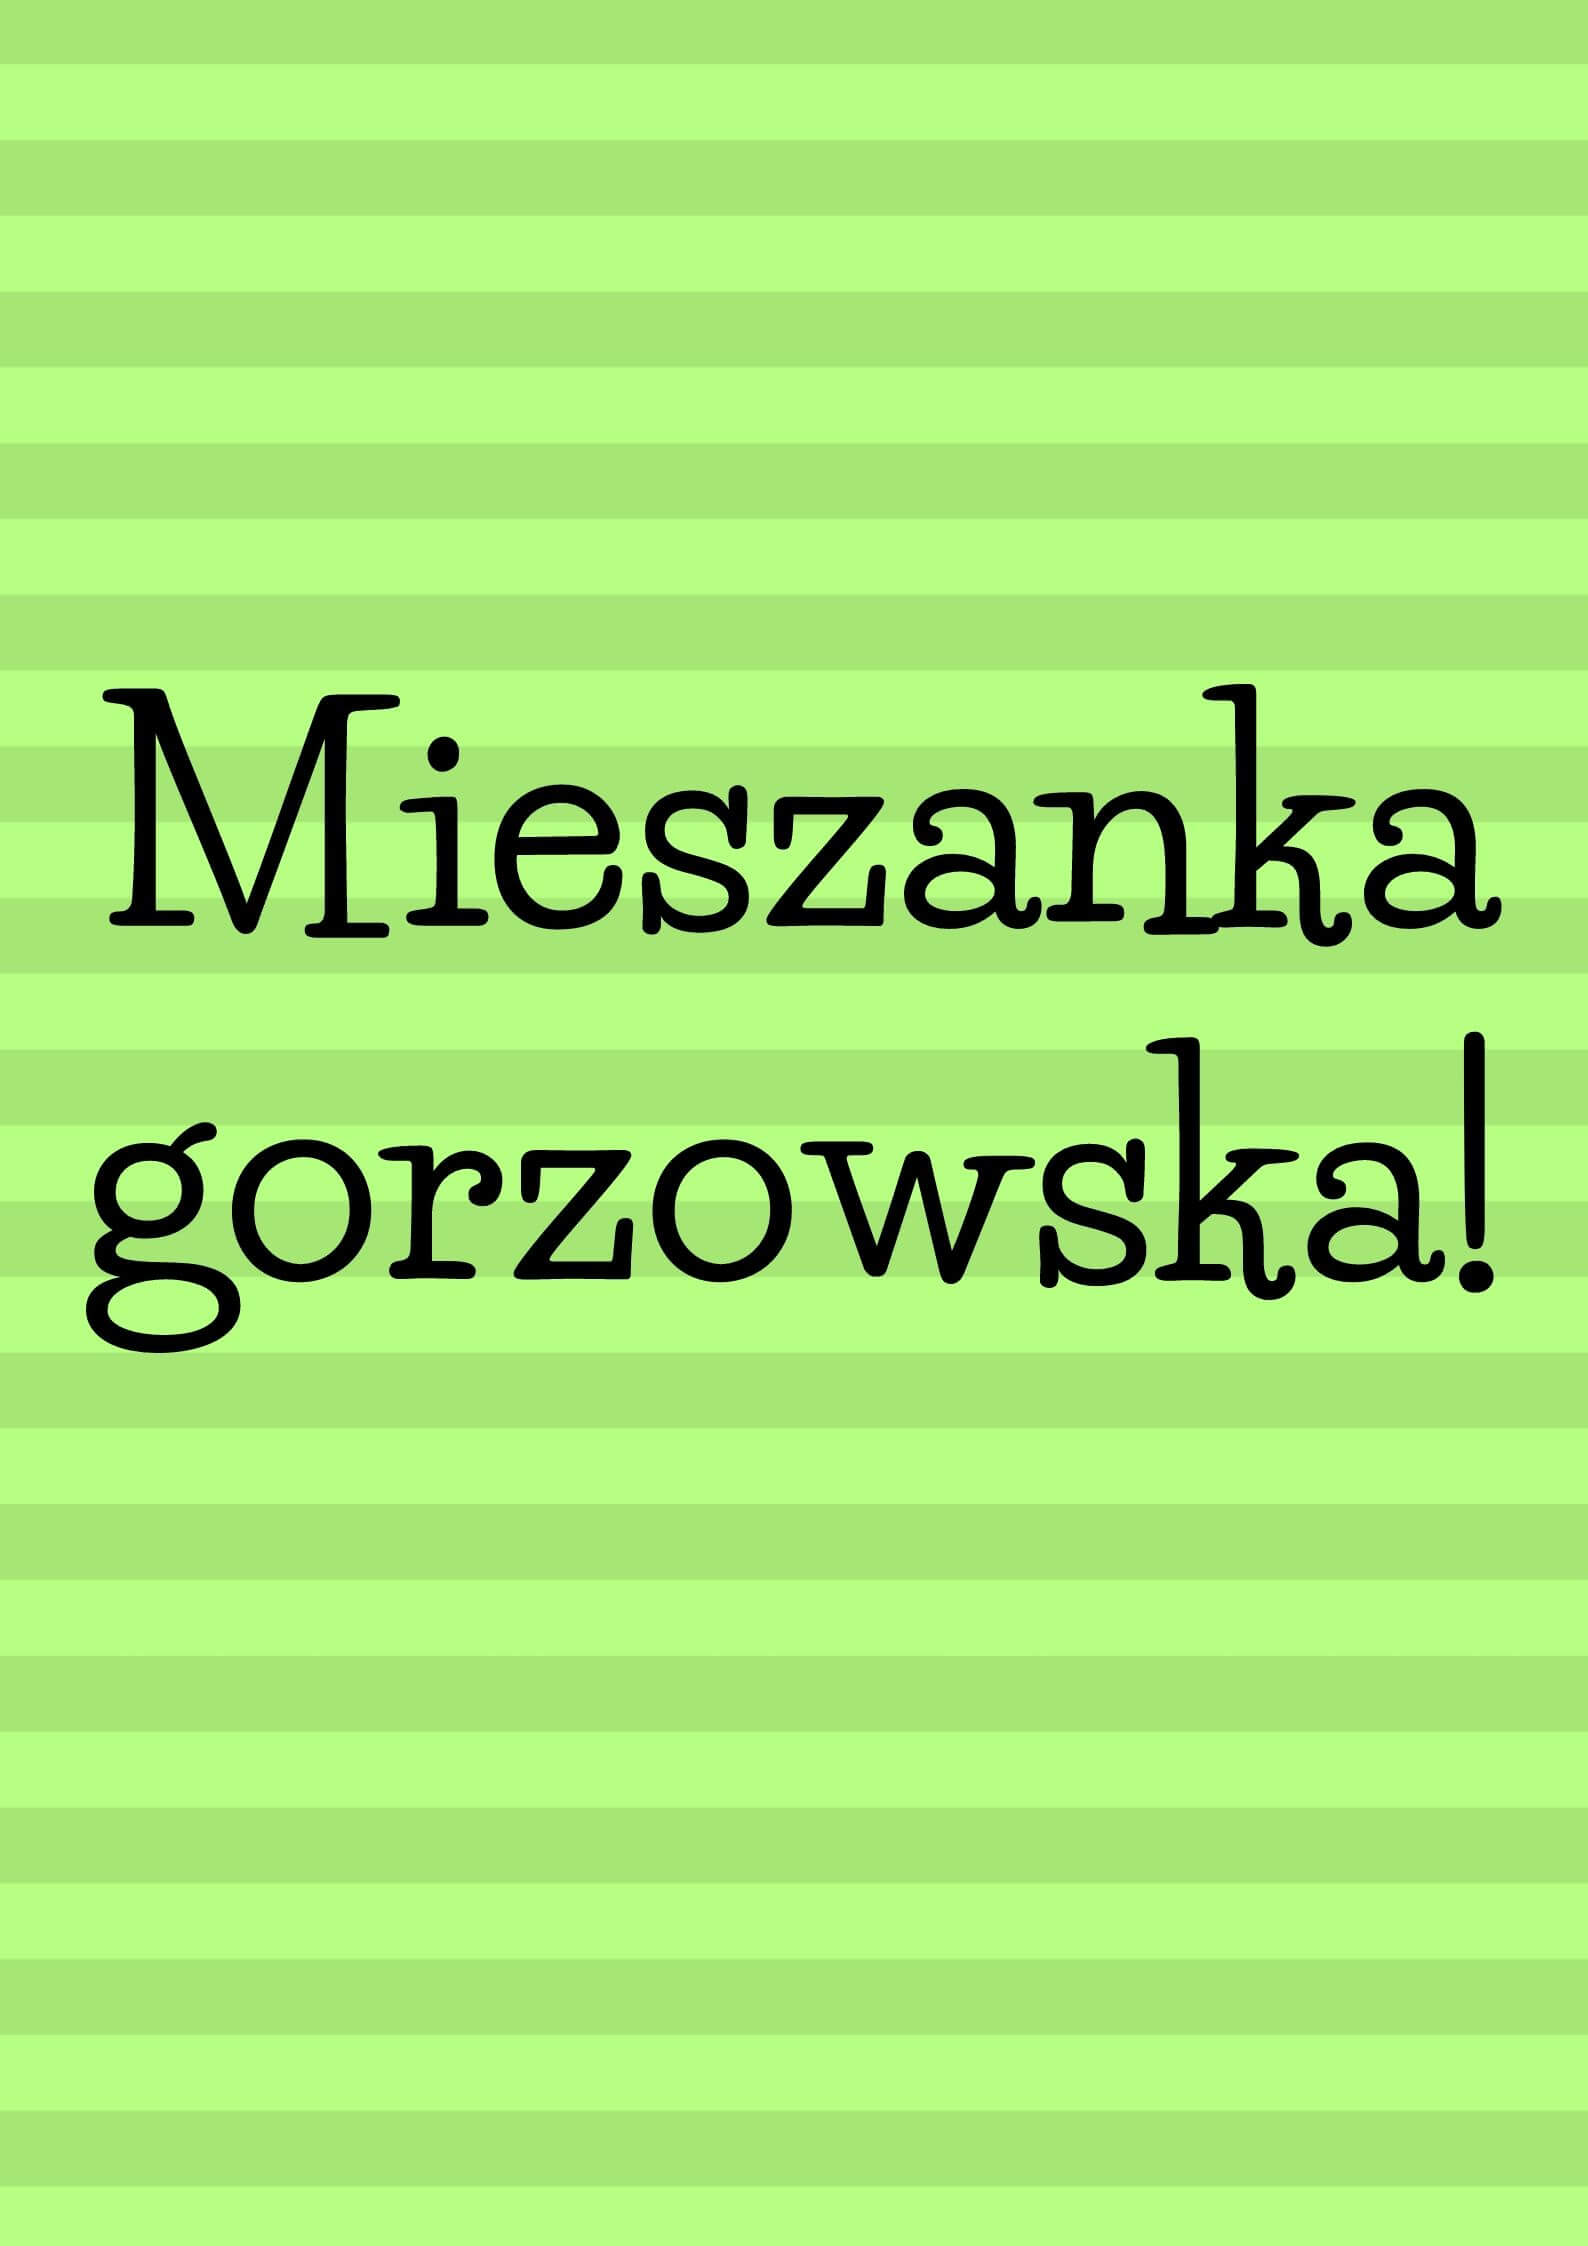 """""""Mieszanka gorzowska"""" i jej szerokie zastosowanie"""